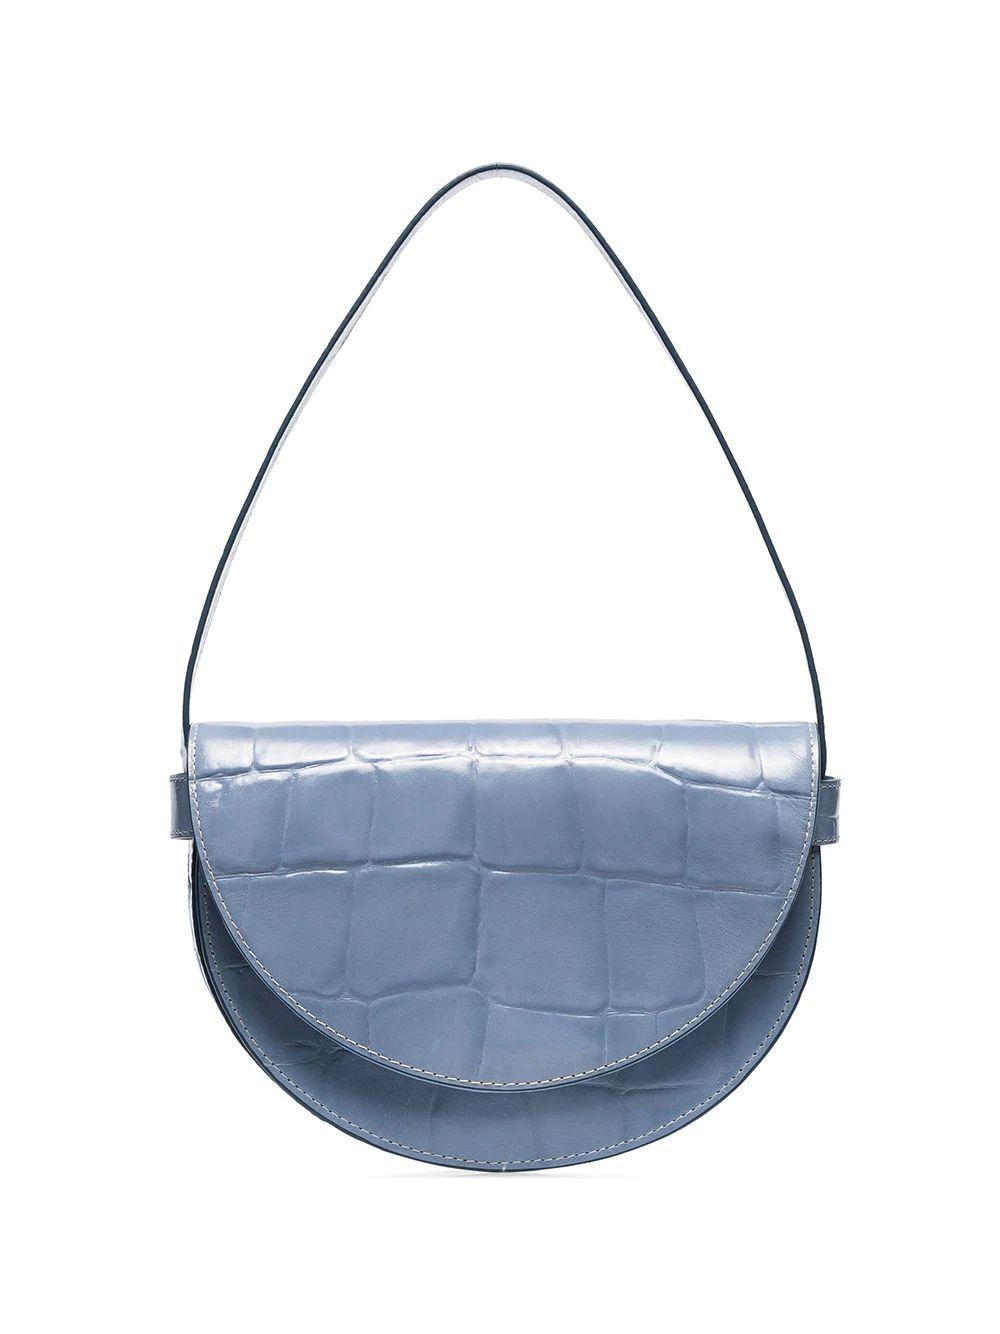 Amal Crescent Bag Item # 180-9203-LTBL